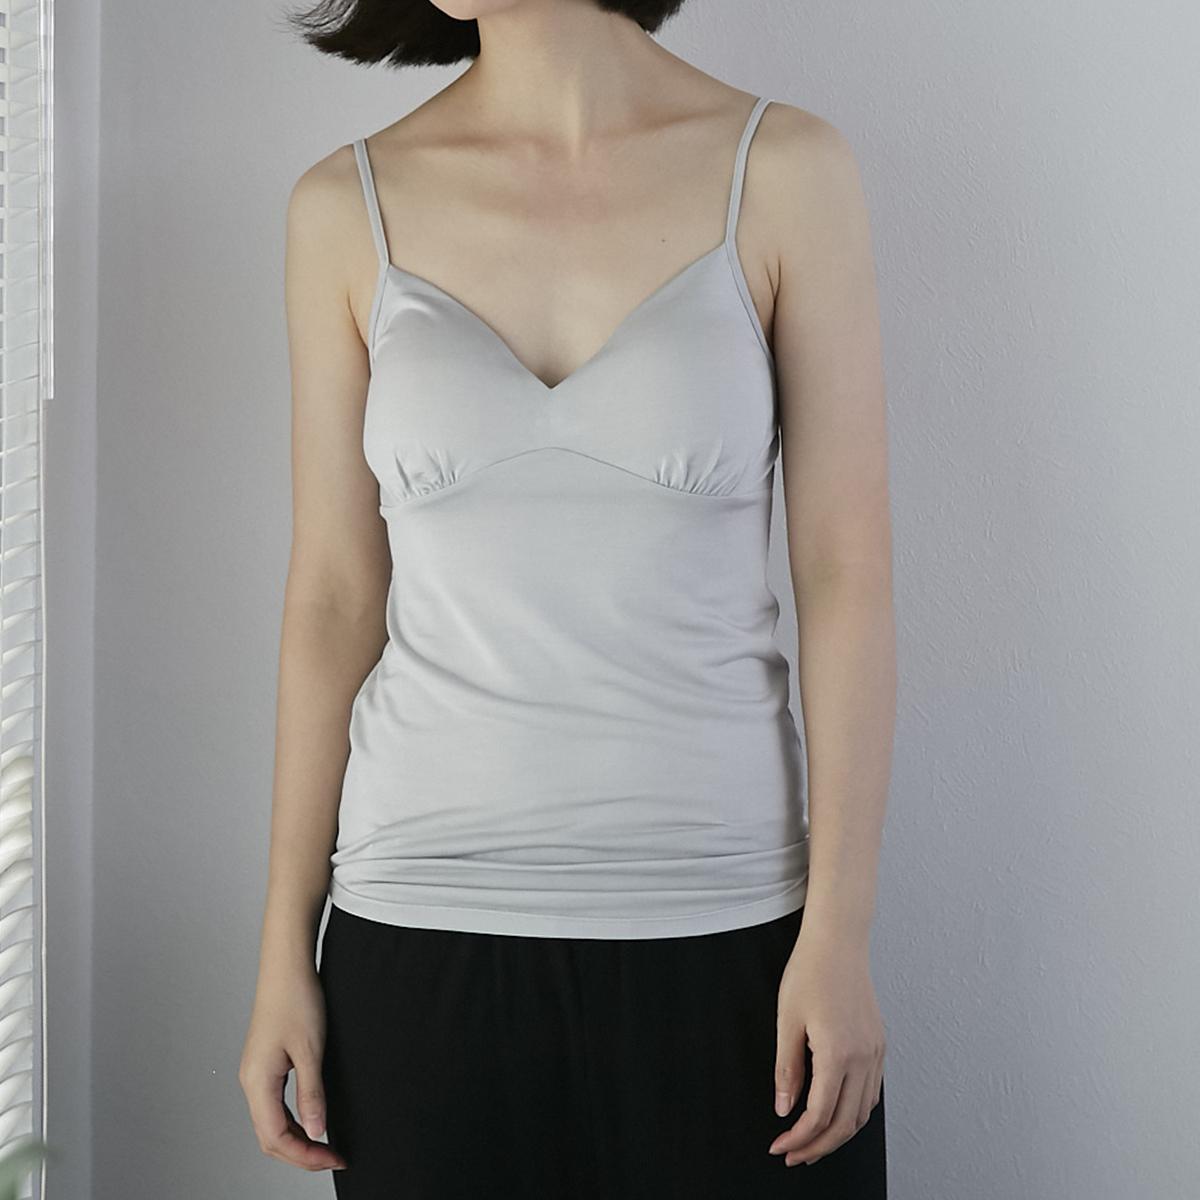 DRESS HERSELF/シルク100%ブラトップ ライトグレー